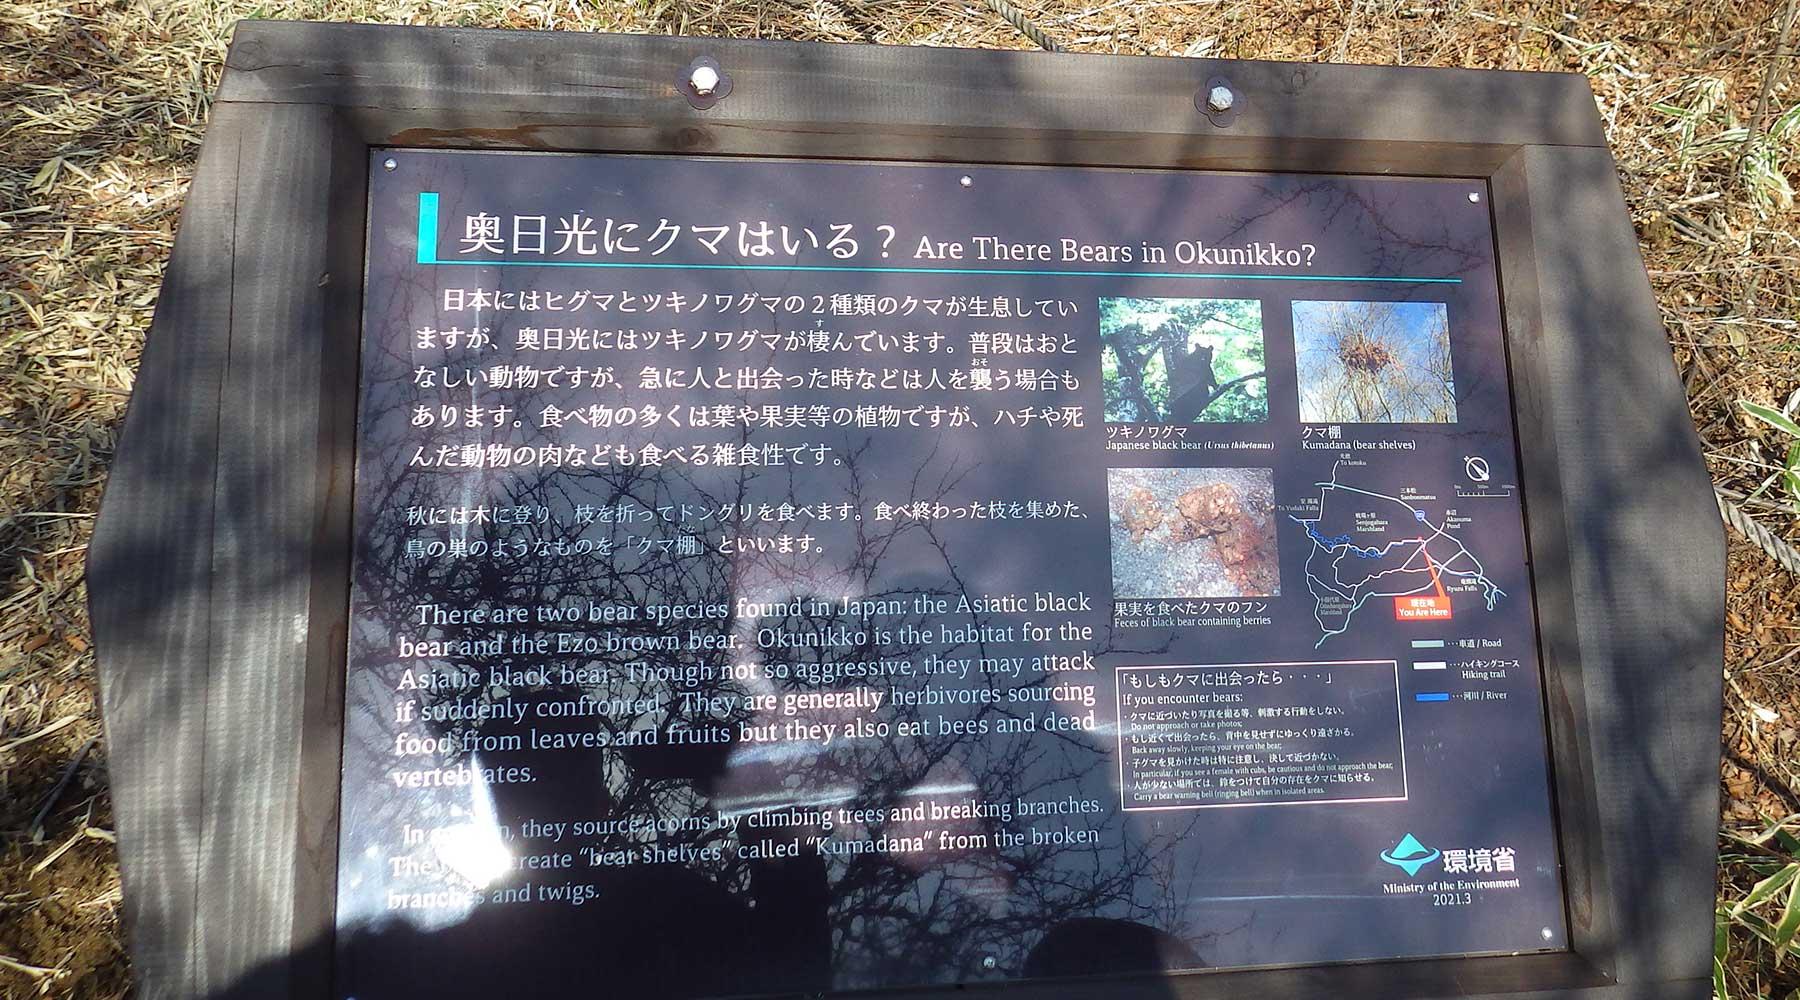 戦場ヶ原の熊について